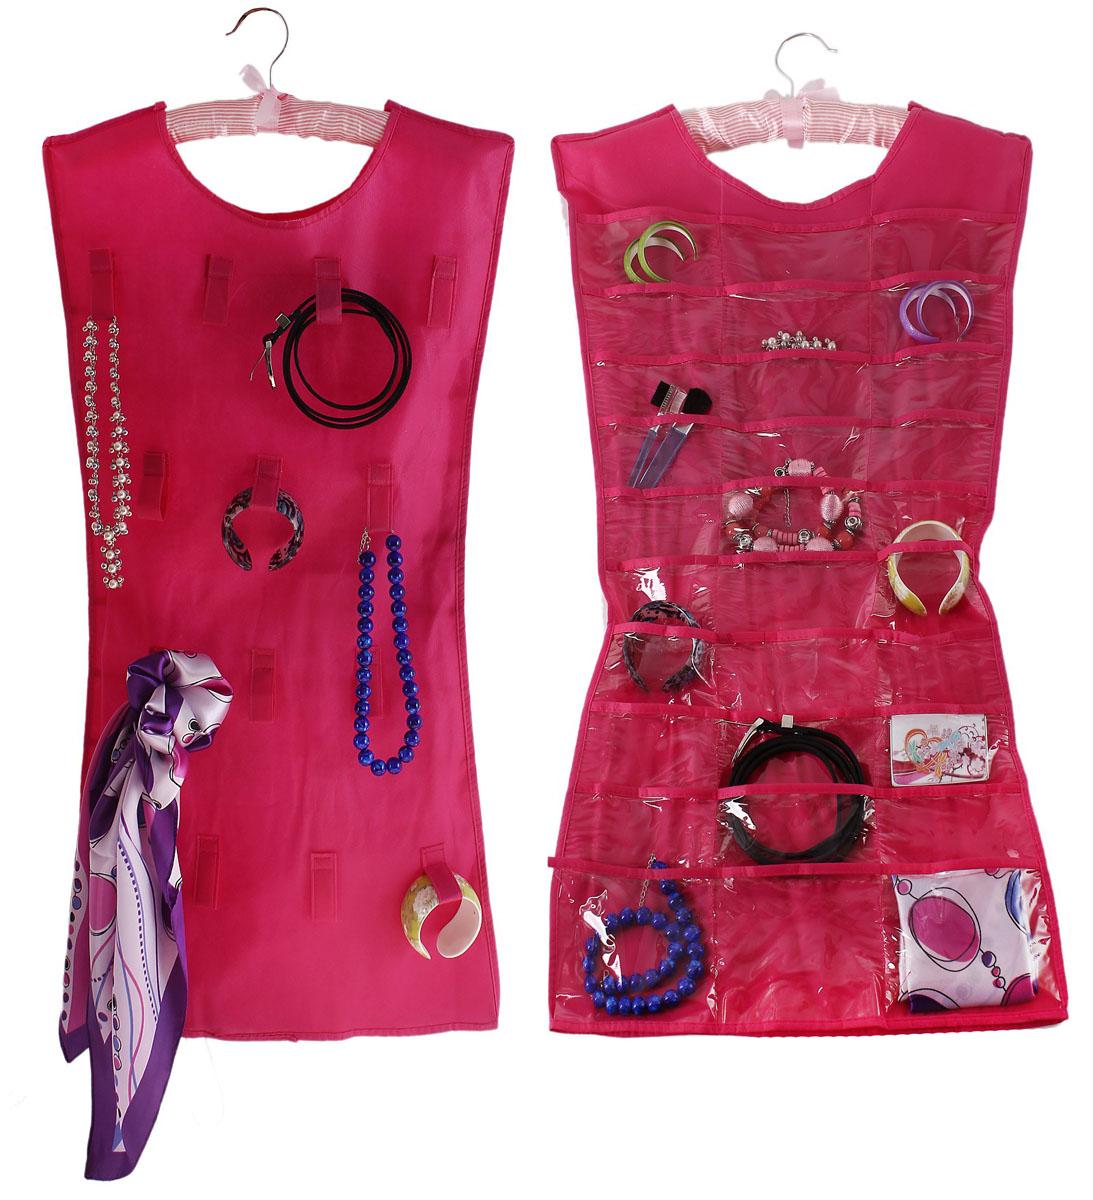 Органайзер для хранения бижутерии Sima-land, цвет: розовый, 30 отделений642656Оригинальный органайзер Sima-land, изготовленный из текстиля и ПВХ, предназначен для удобного и компактного хранения бижутерии и других различных украшений. Изделие представляет собой платье, которое можно вешать на вешалку в необходимом для вас месте. Платье с одной стороны оснащено 30 прозрачными карманами, с другой стороны - 14 текстильными петельками.Этот нужный предмет может стать одновременно и декоративным элементом комнаты.